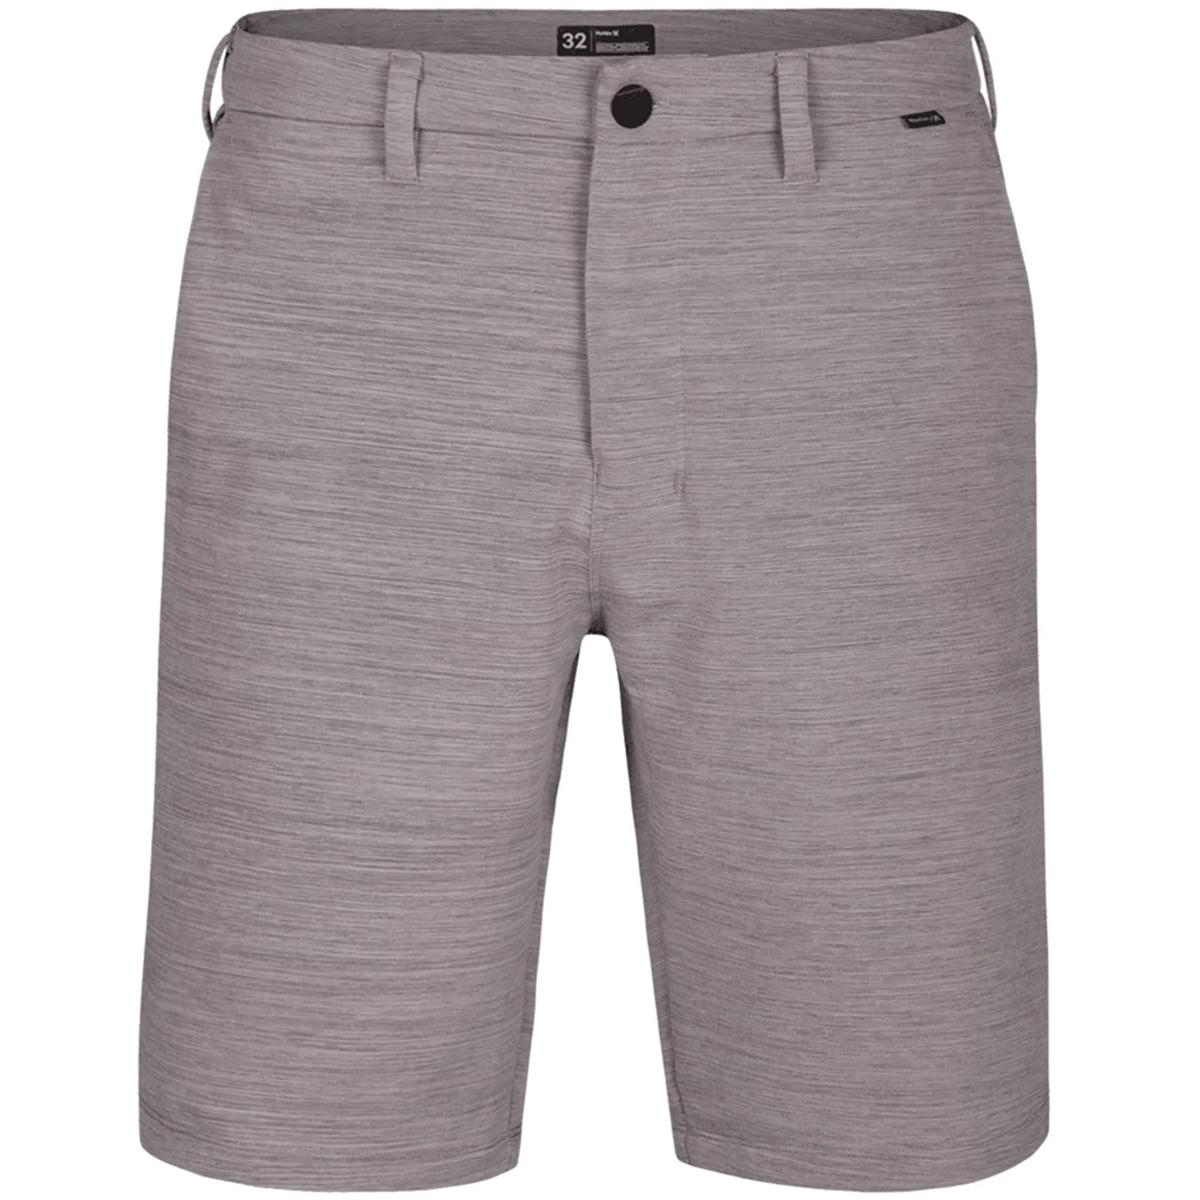 Hurley Young Men's Dri Fit Cut Back Shorts - Black, 30